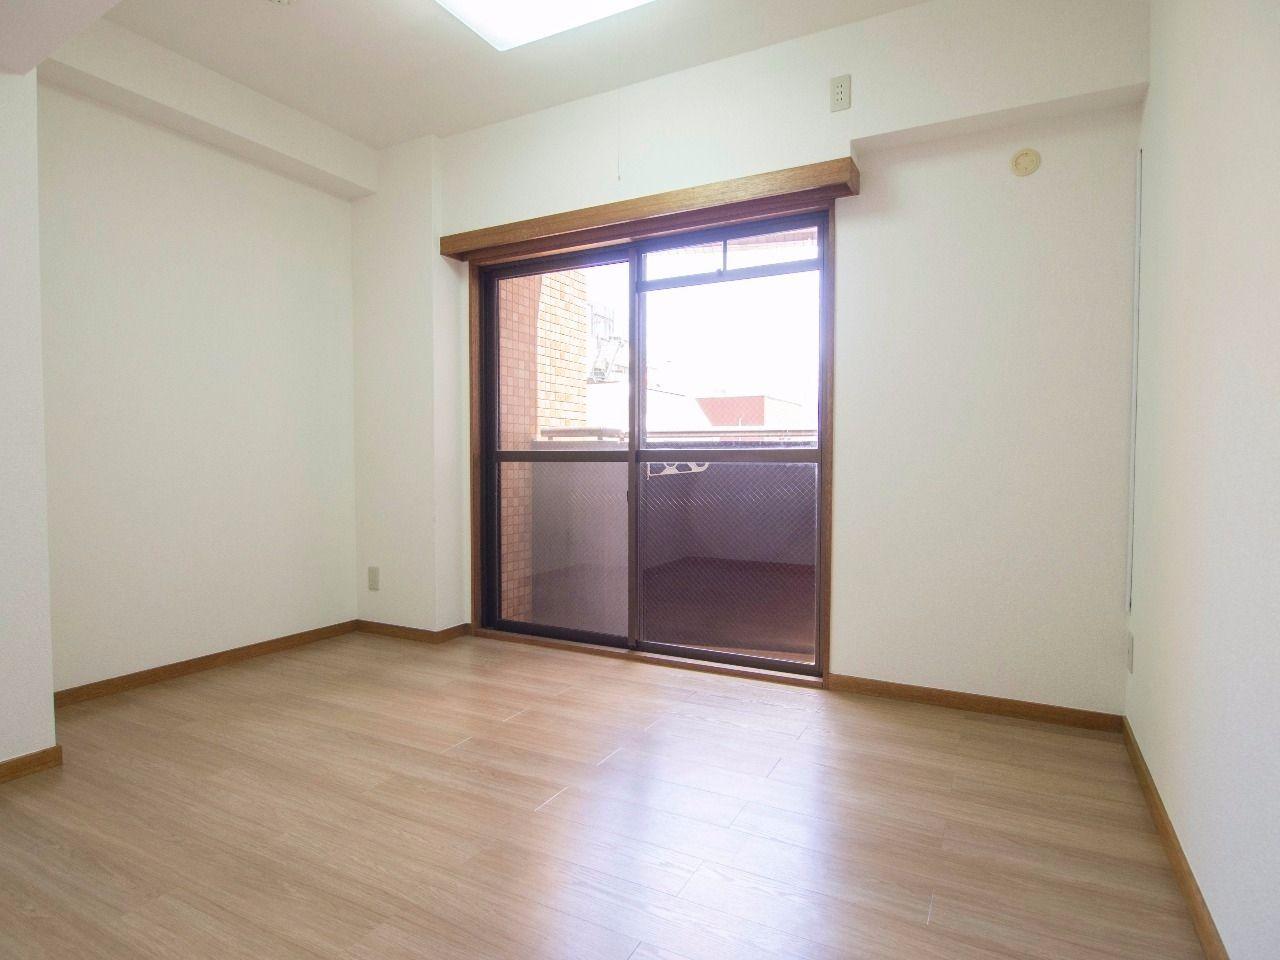 床材はクッションフロアで照明付きの洋室